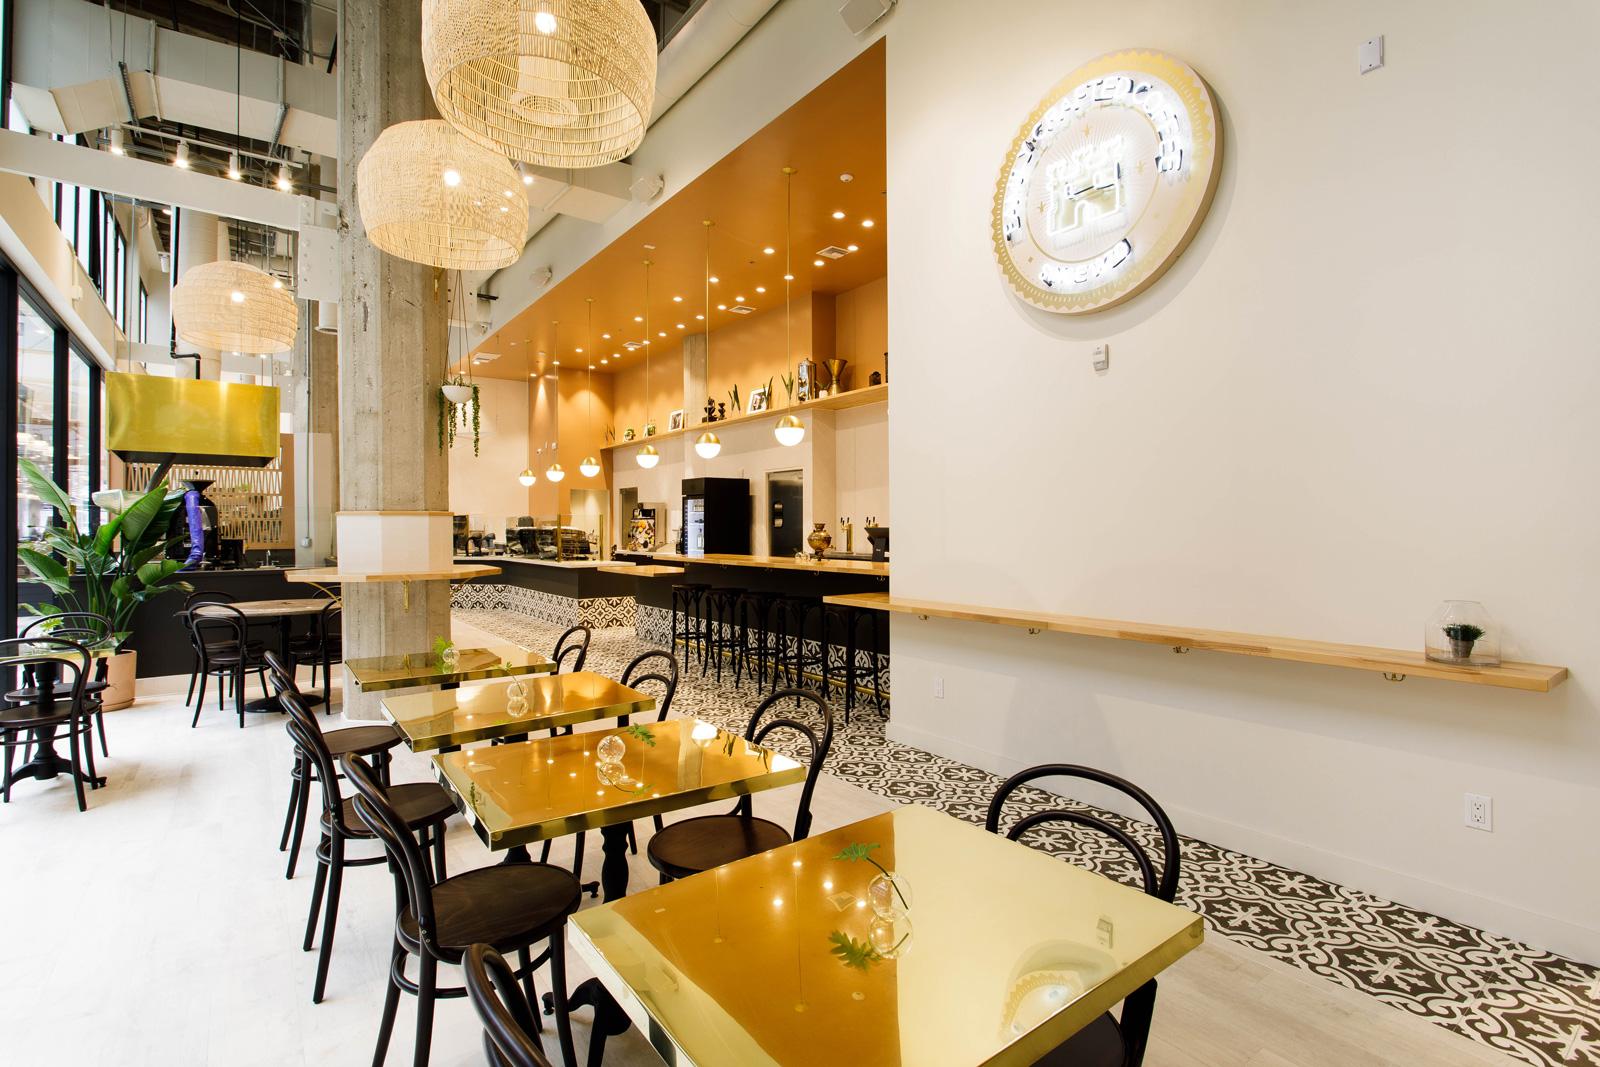 """Don Francisco's casa cubana centre-ville de los angeles """"width ="""" 1600 """"height ="""" 1067 """"/></p></noscript><p> Chez Don Francisco's Coffee Casa Cubana, des boissons traditionnelles de style cubain telles que Café Con Leche, C Afé Cubano et Cortaditos seront préparés sur une ou deux machines à espresso Gravidégique Eagle Eagle Arduino brillantes, associées aux broyeurs Nuova Simonelli Mythos Clima Pro.</p><p> <img data-attachment-id="""